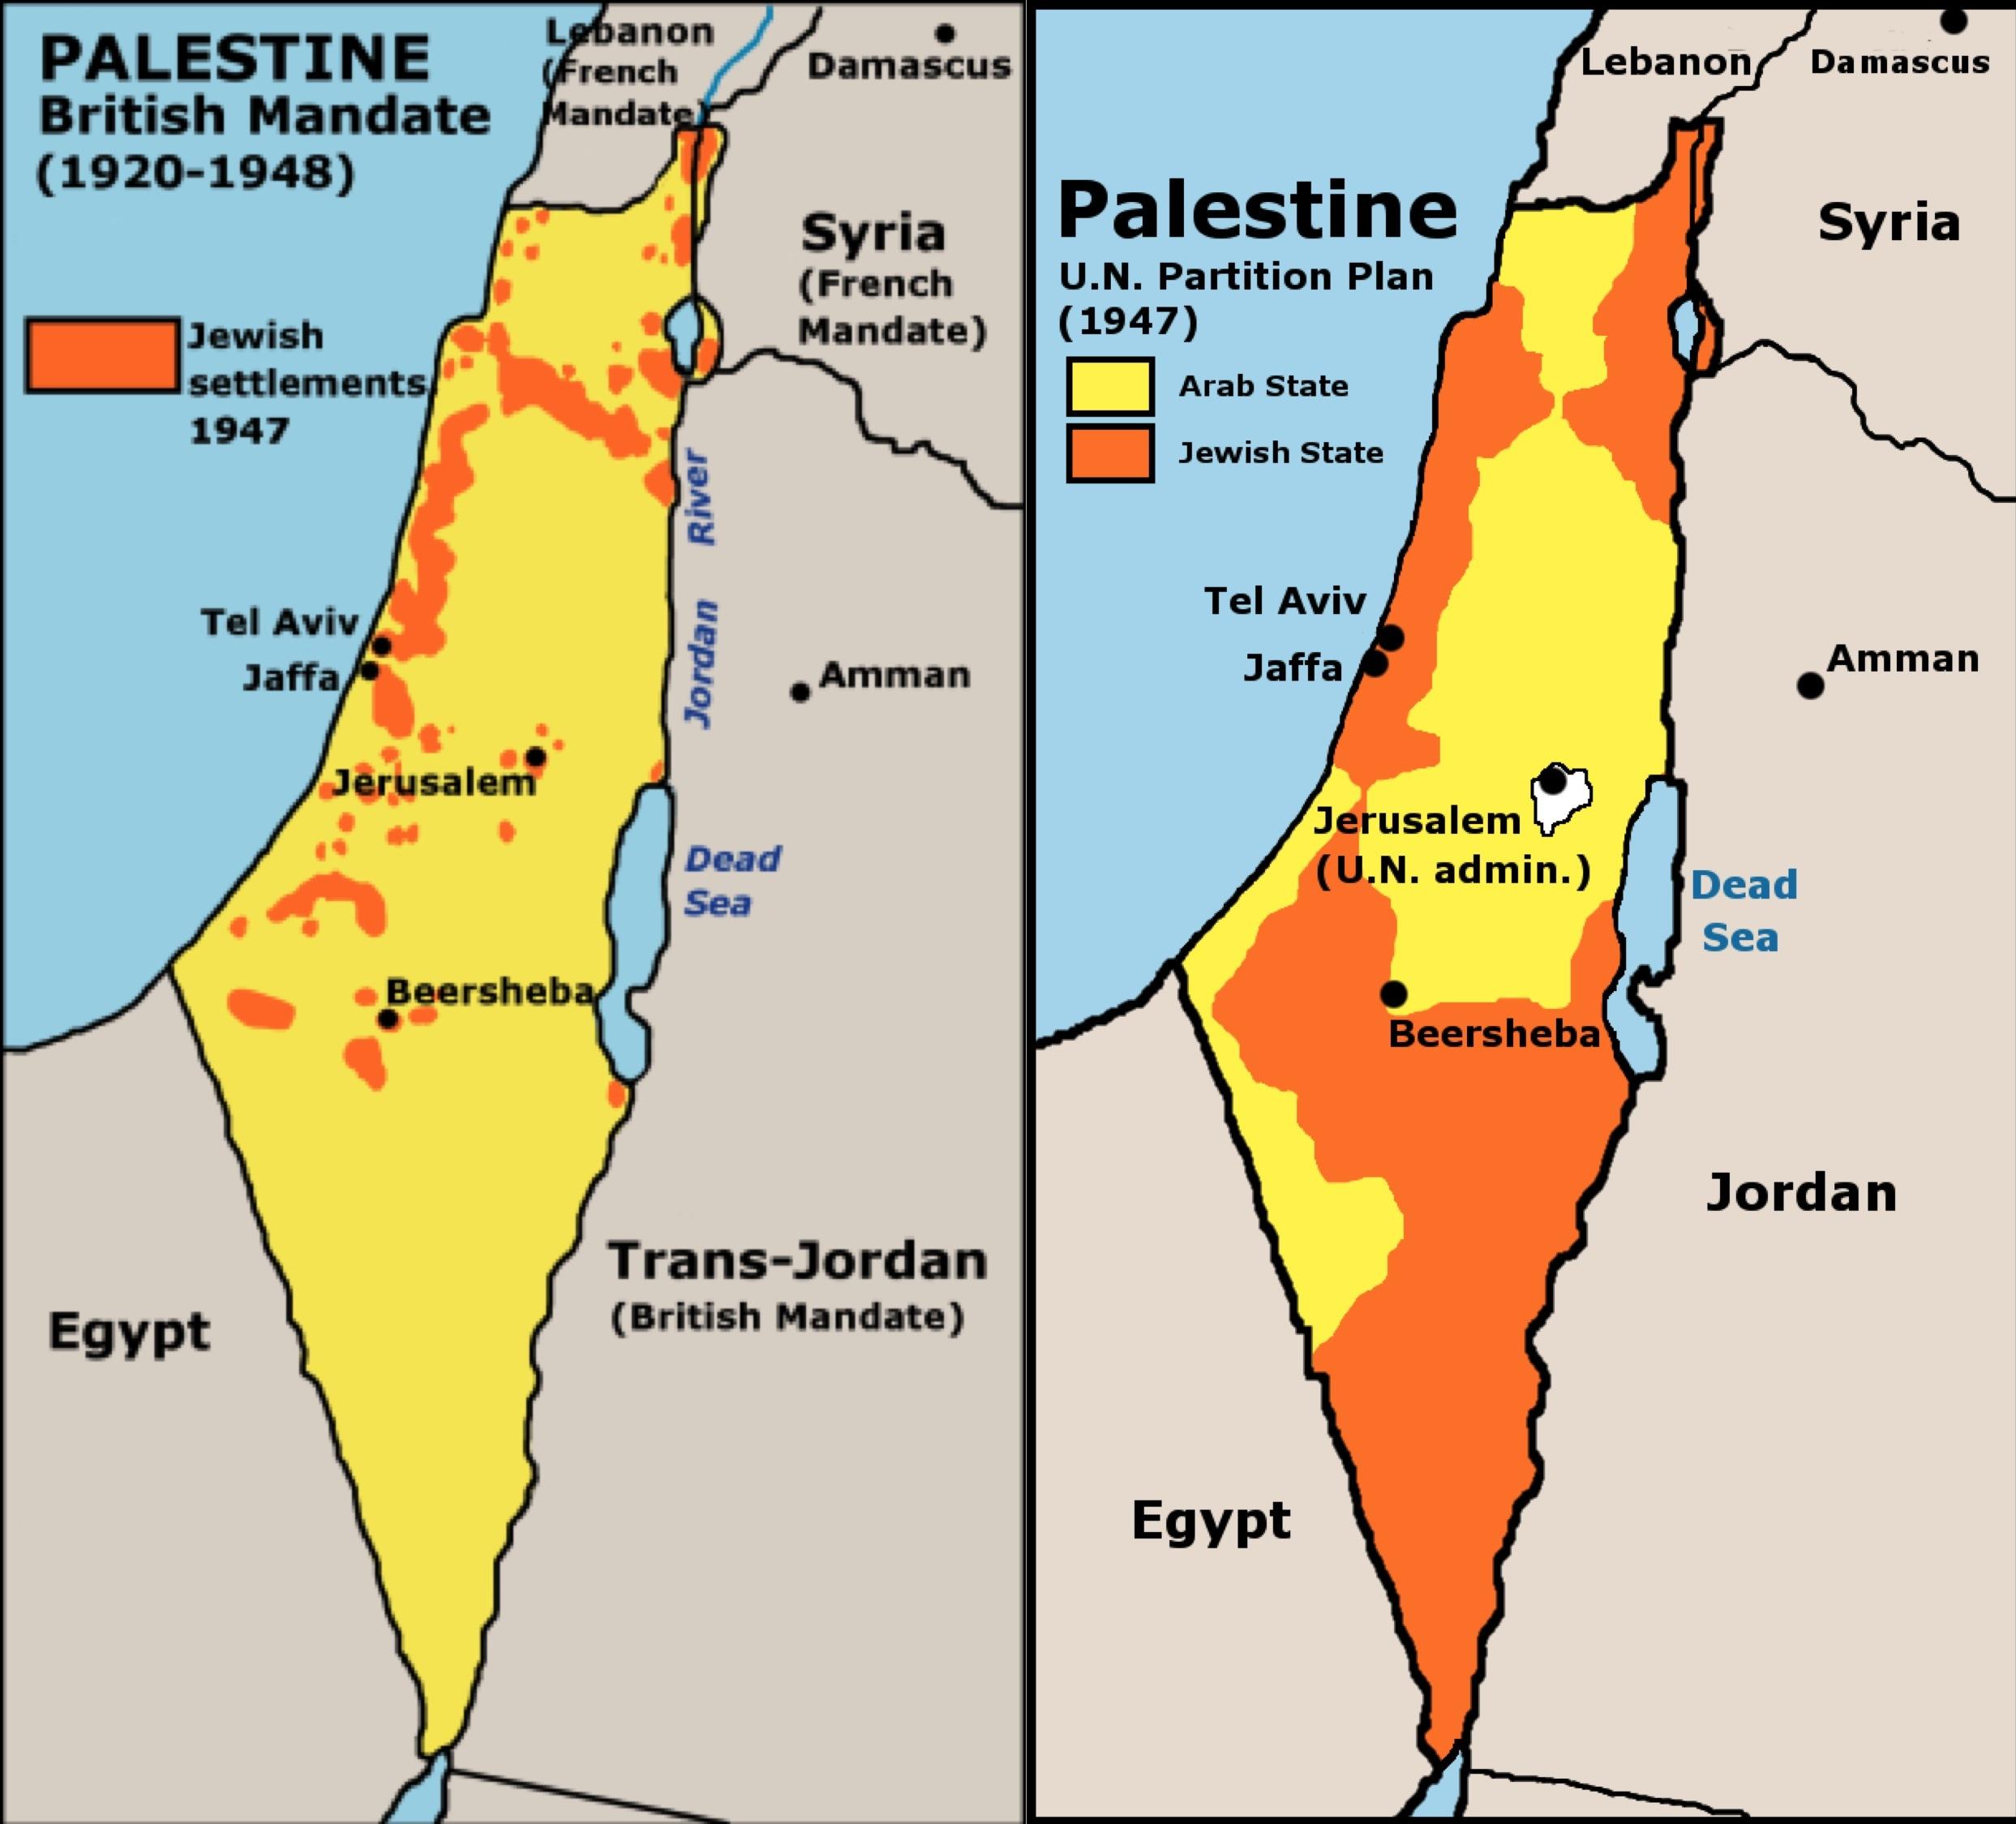 Cartina Israele E Palestina Oggi.Il Conflitto Israelo Palestinese Che Non Finira Mai Hic Rhodus